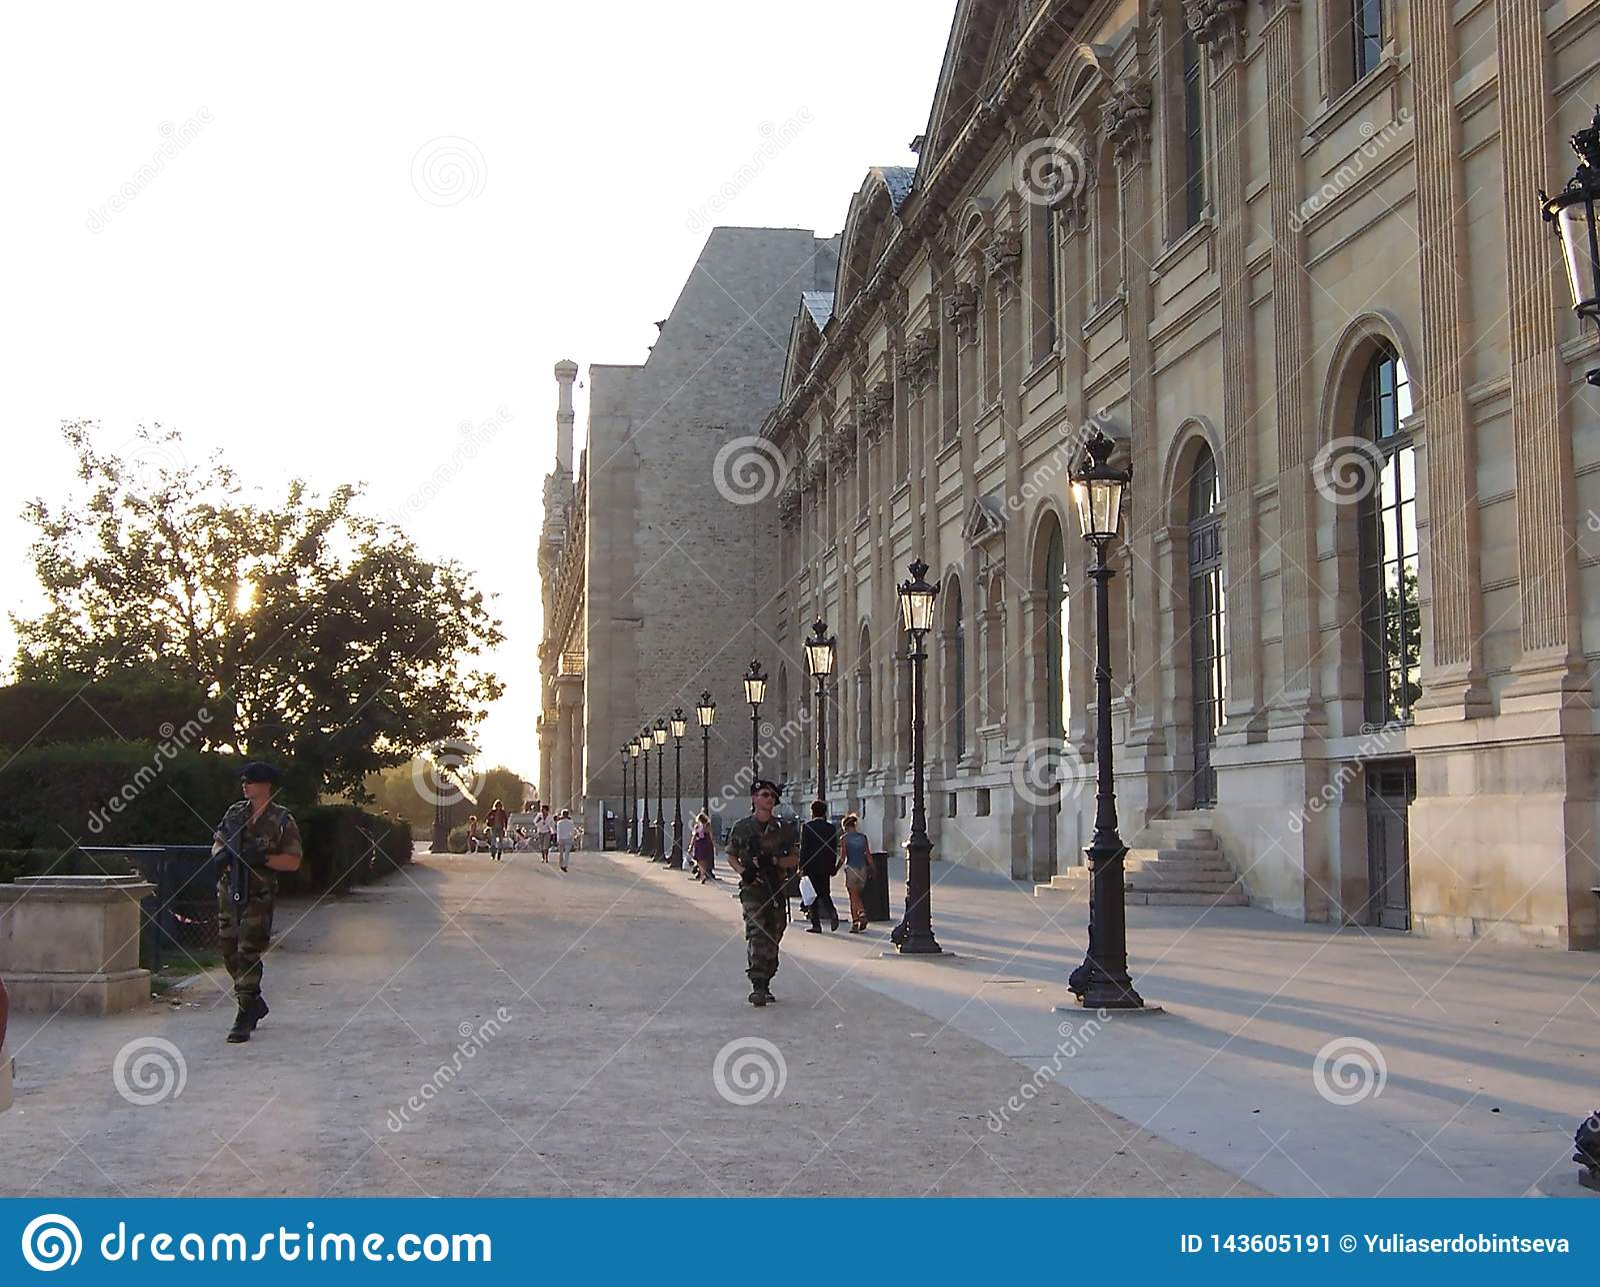 巴黎,法国8月05日2009年:与机枪的军事在巴黎街道上